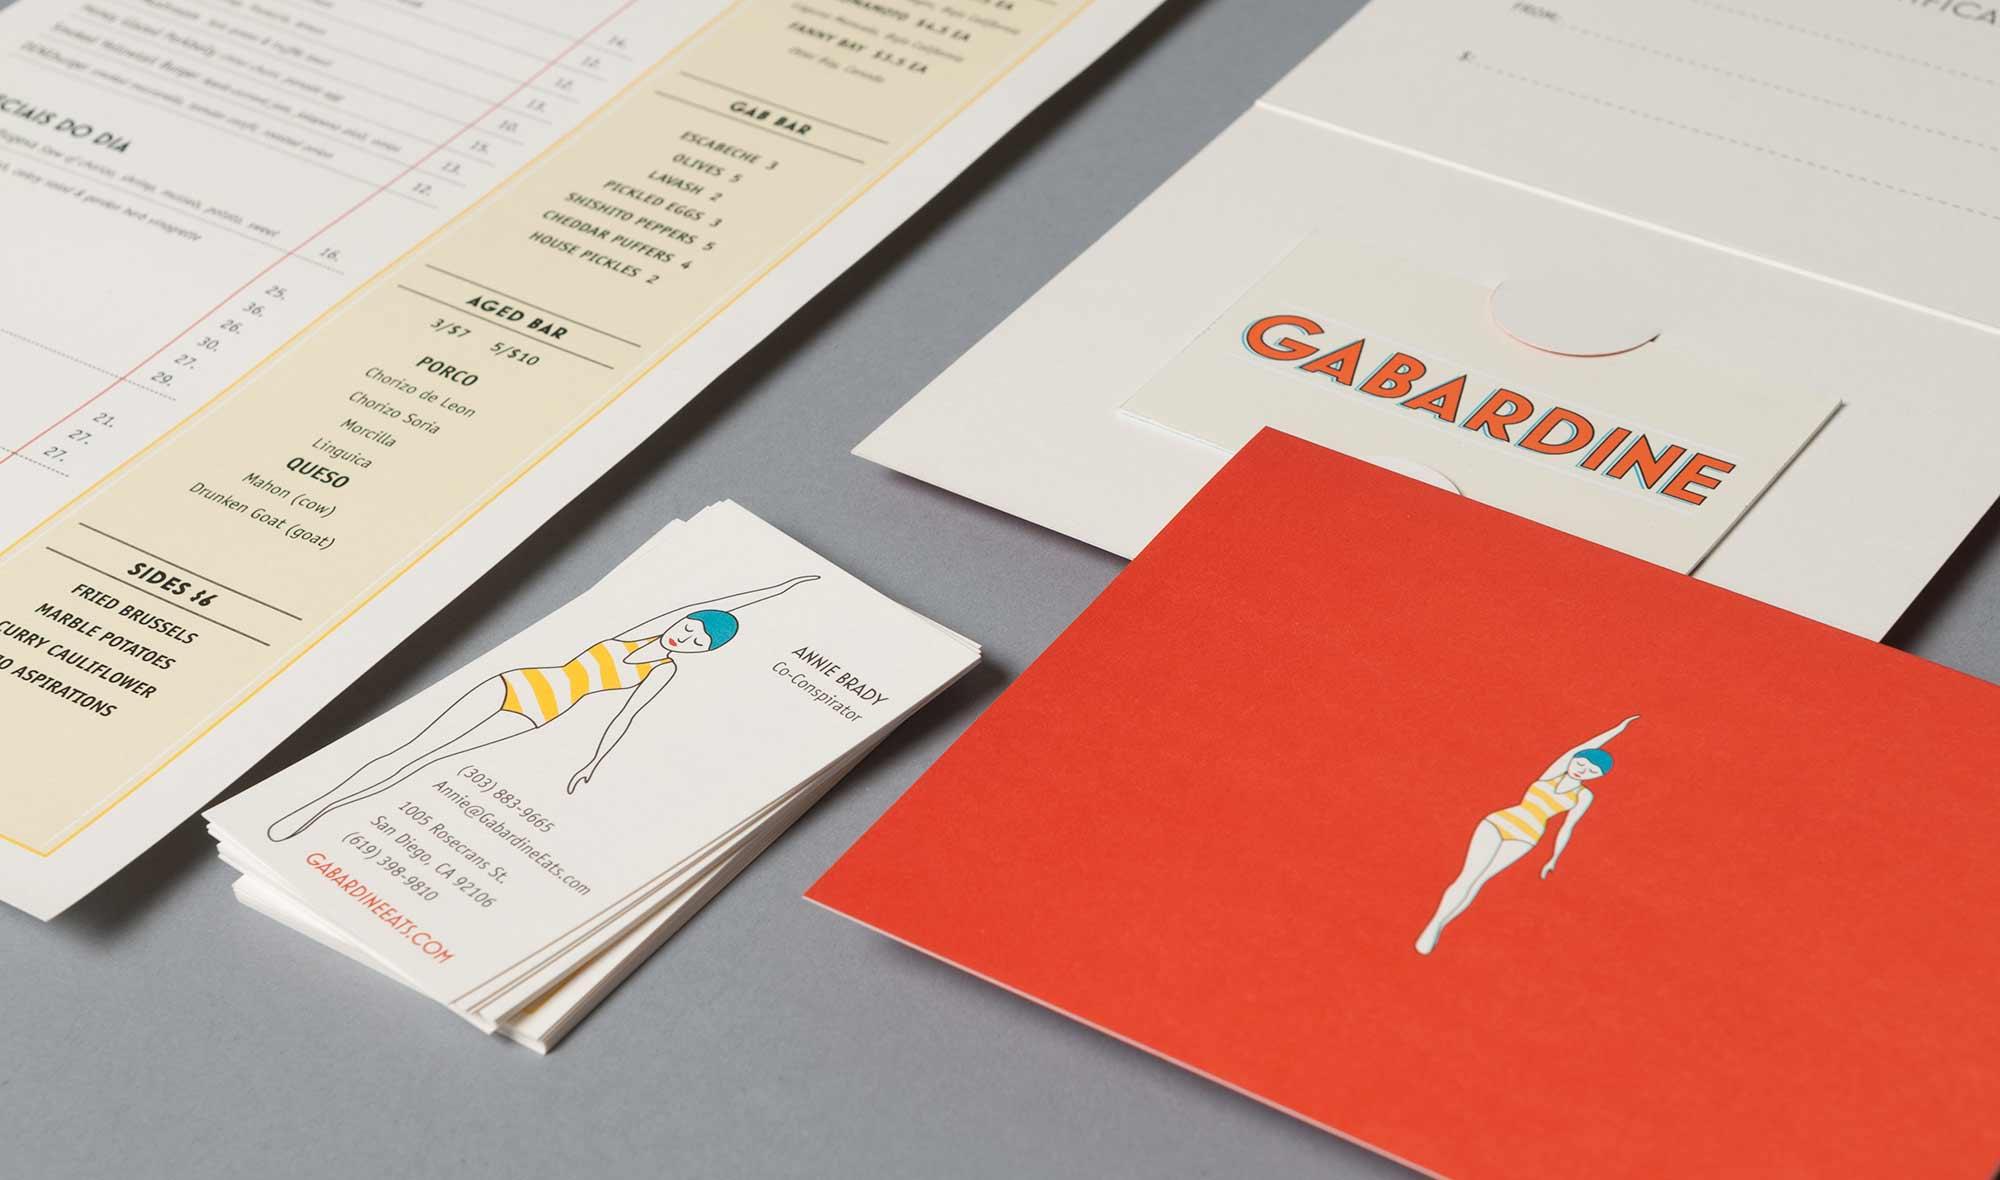 gabardine_menu_system_detail